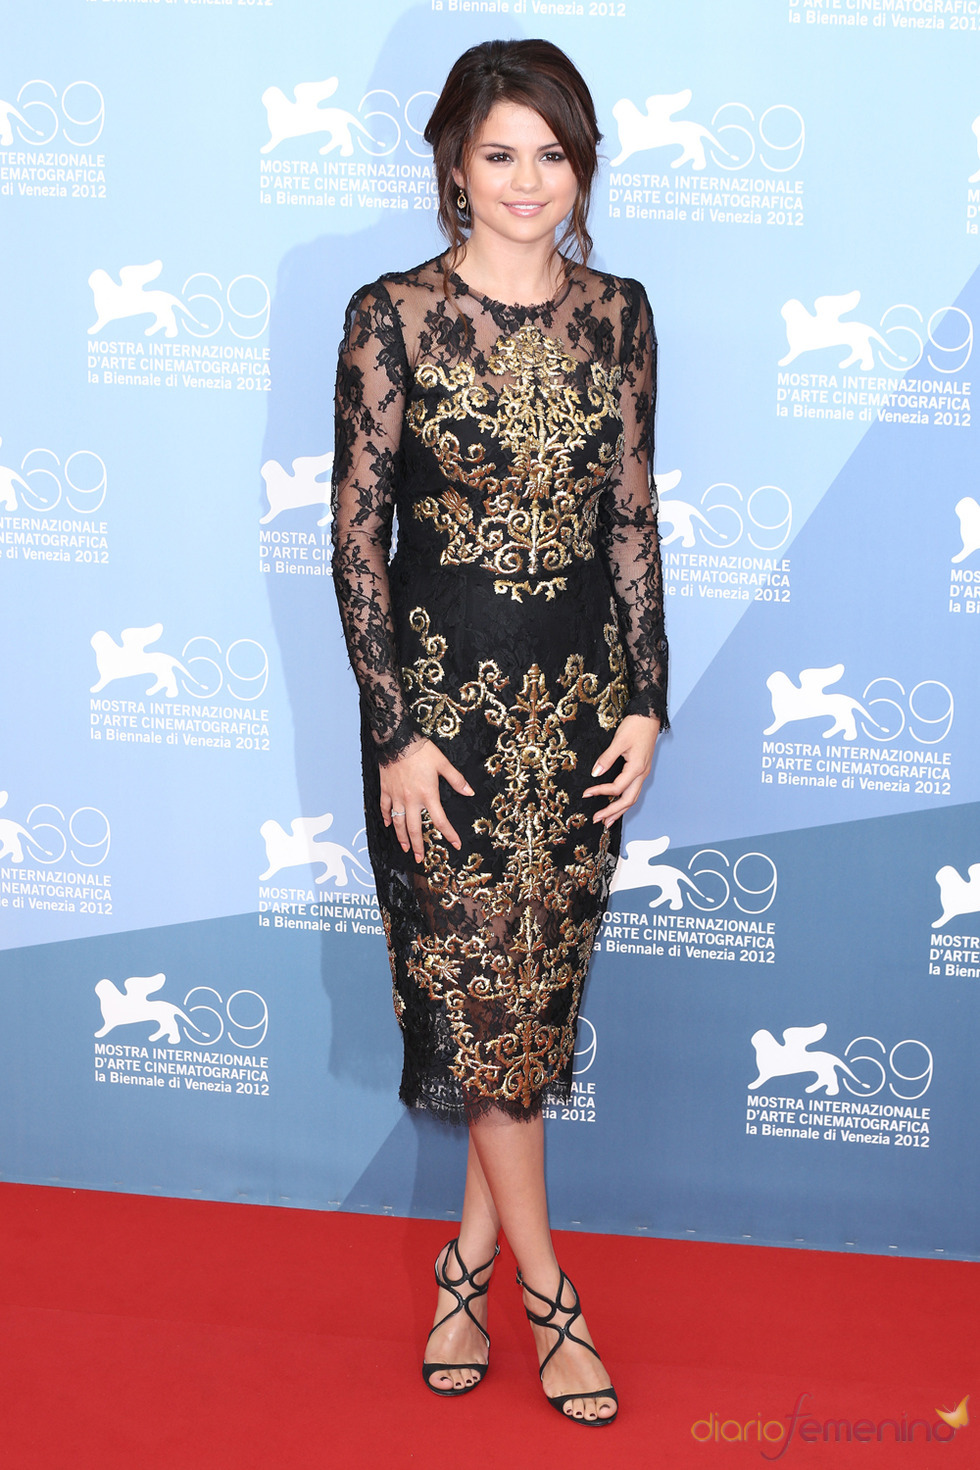 Selena Gomez, protagonista de Spring Breakers posa durante la presentación en Venecia